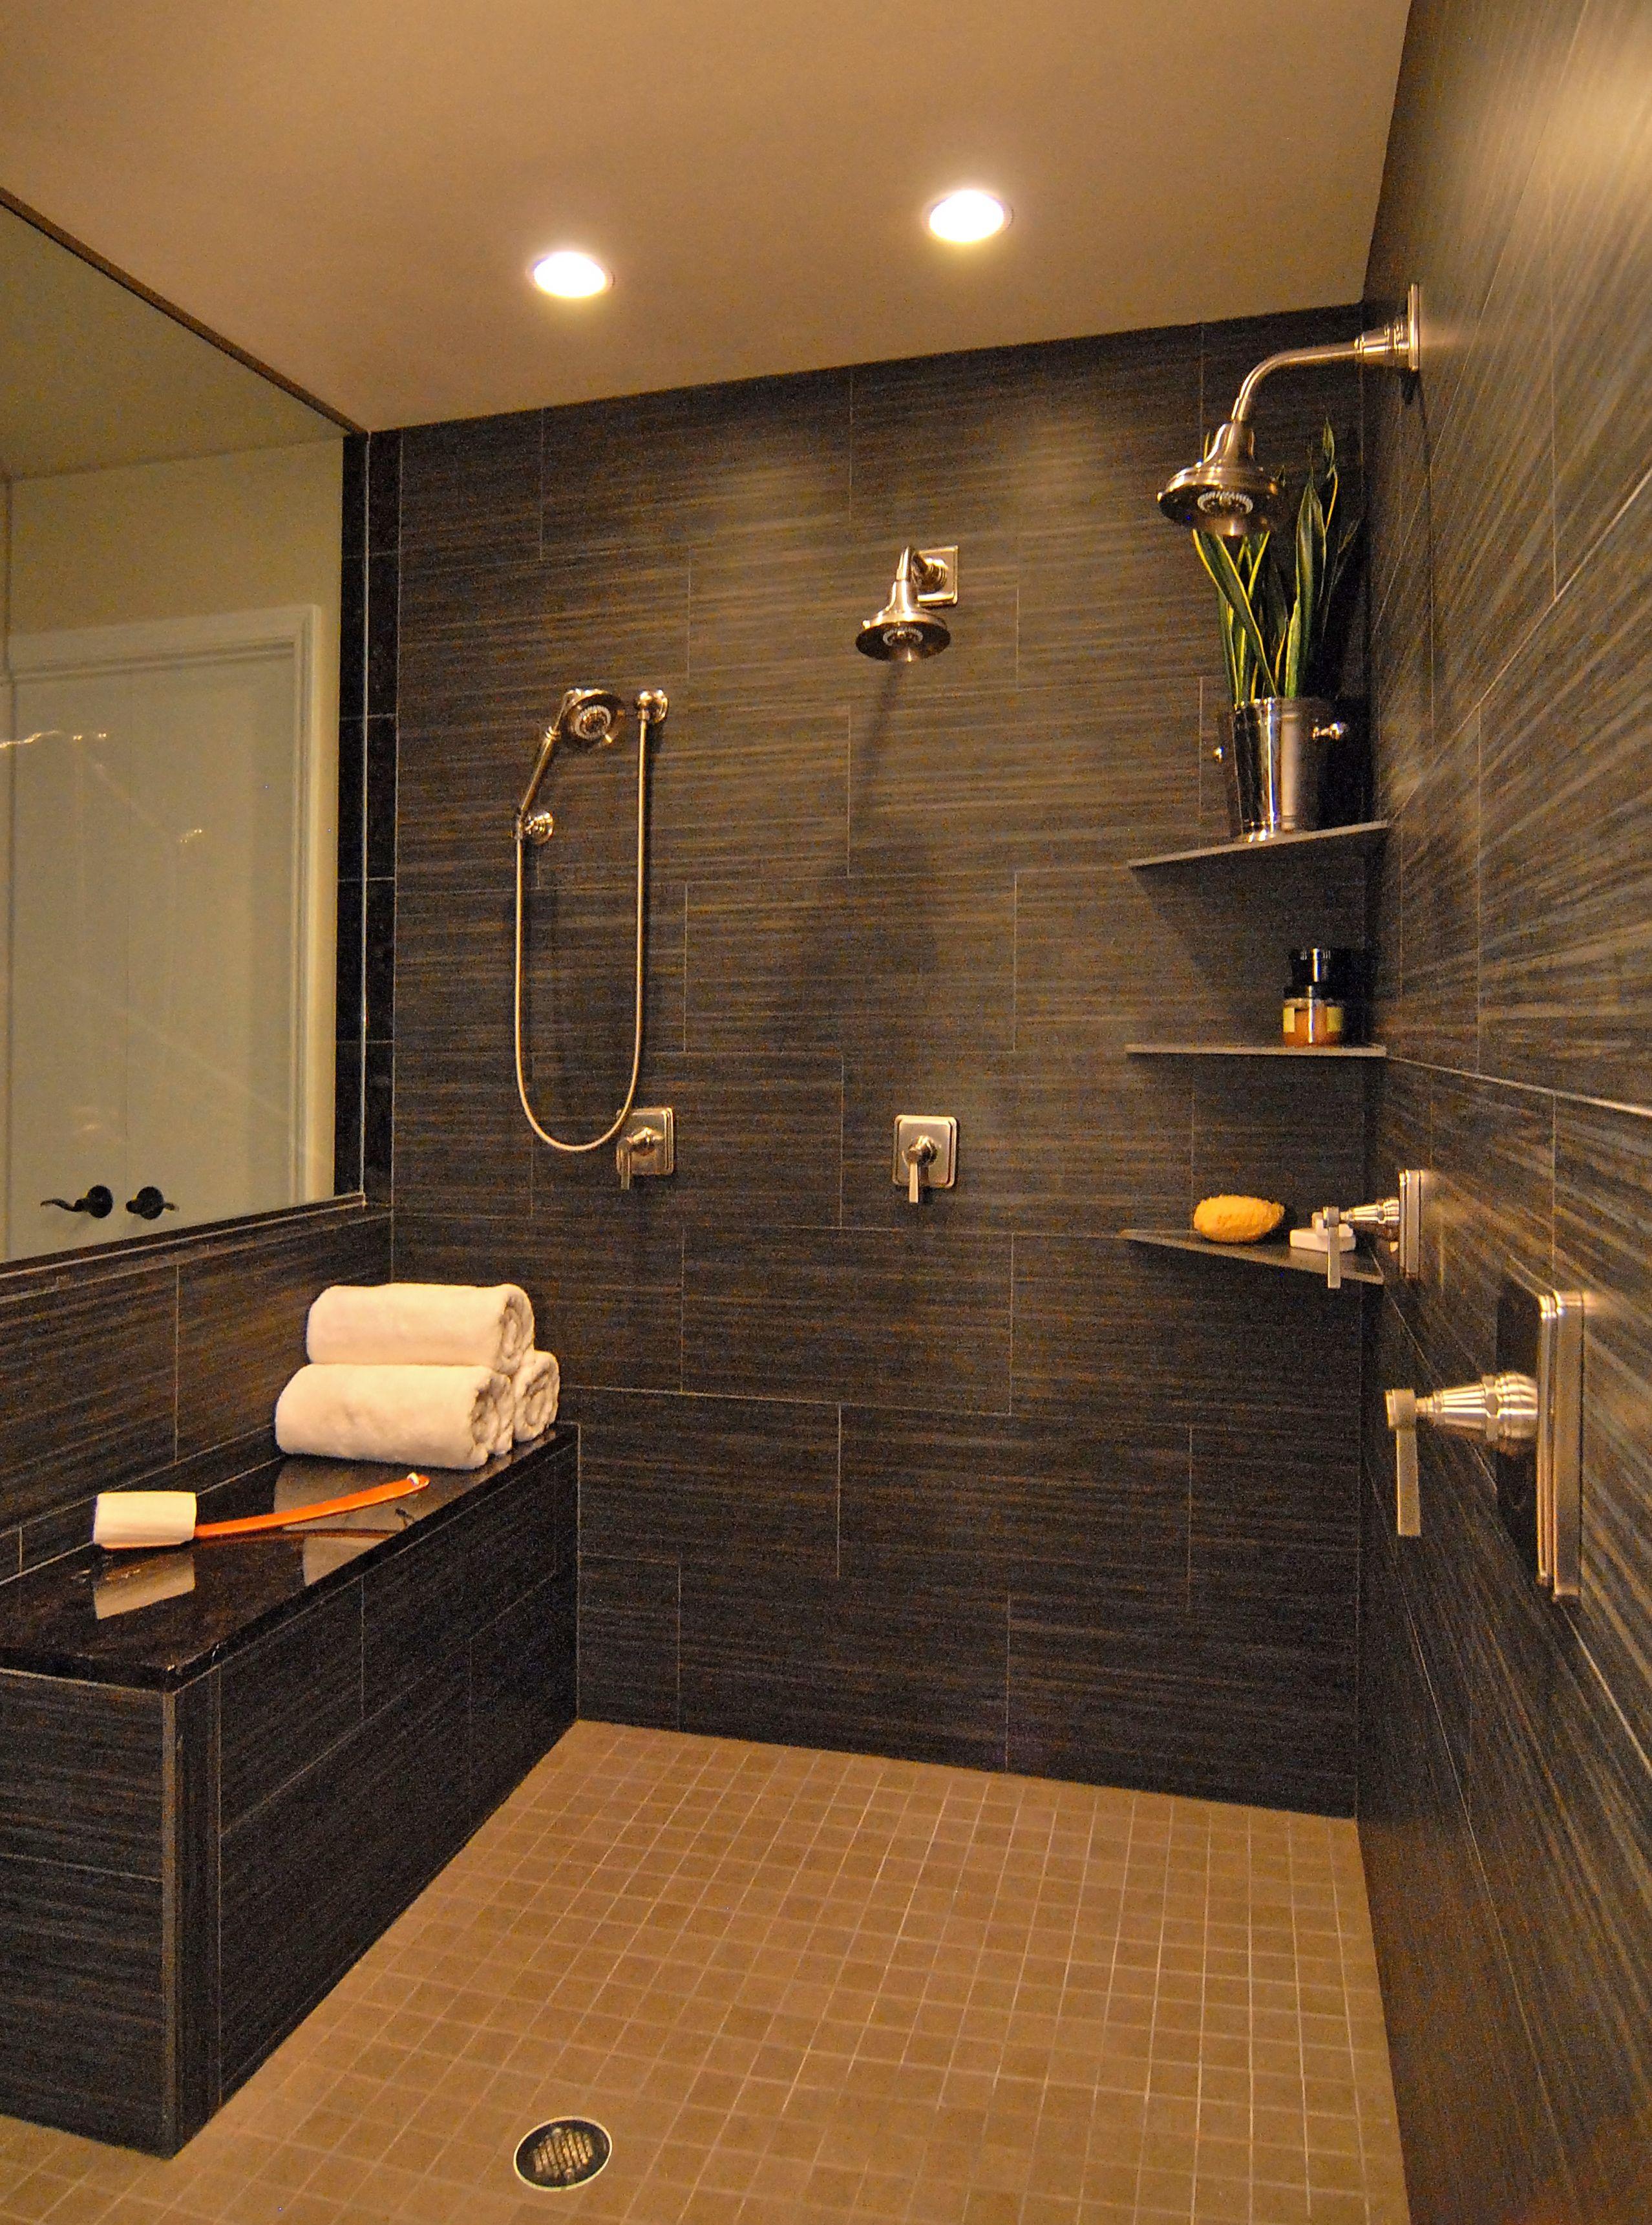 Double Shower Granite Bench Kohler Pinstripe Fixtures